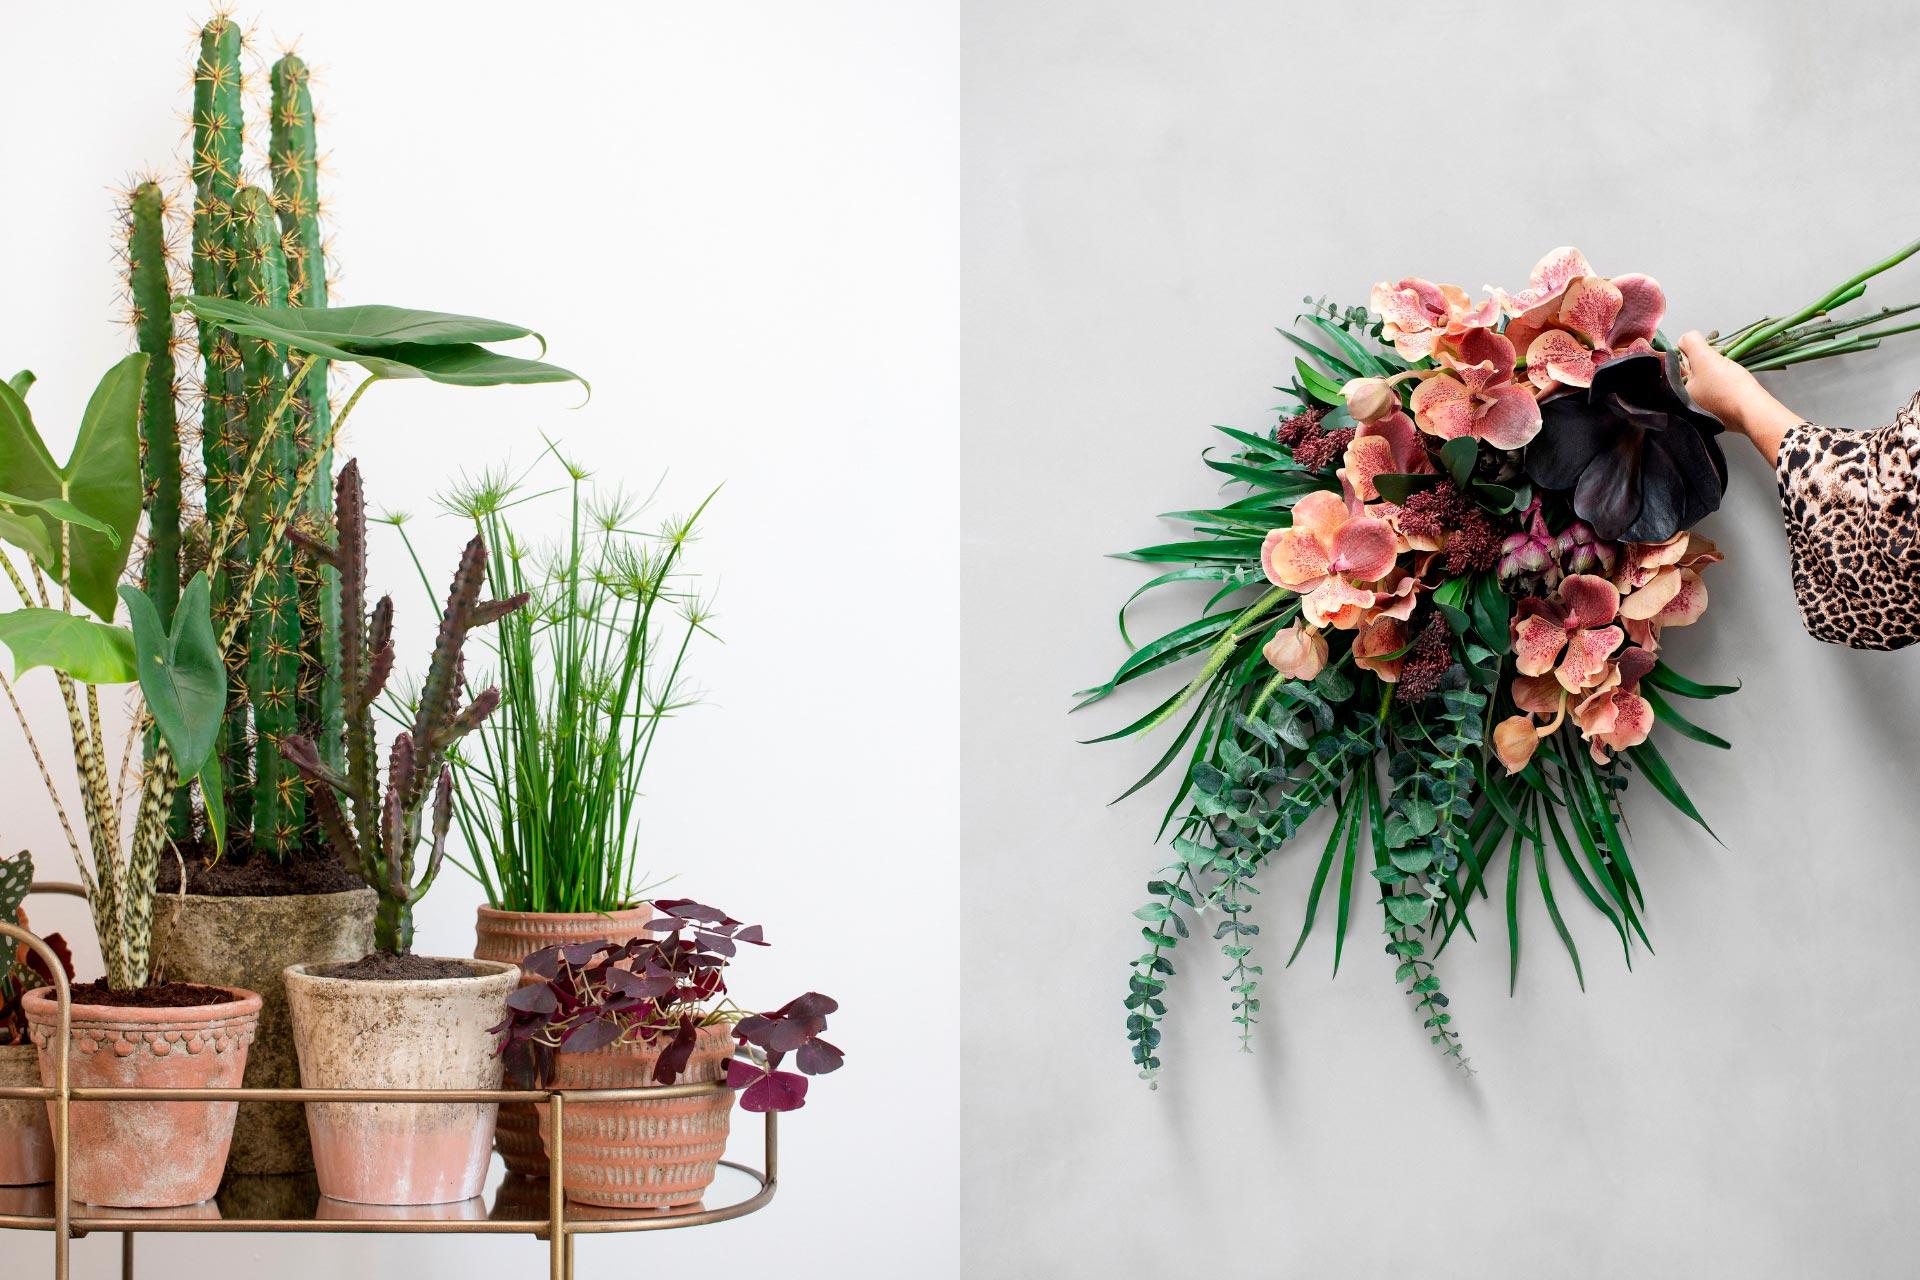 Flowers_1_1920x1280px